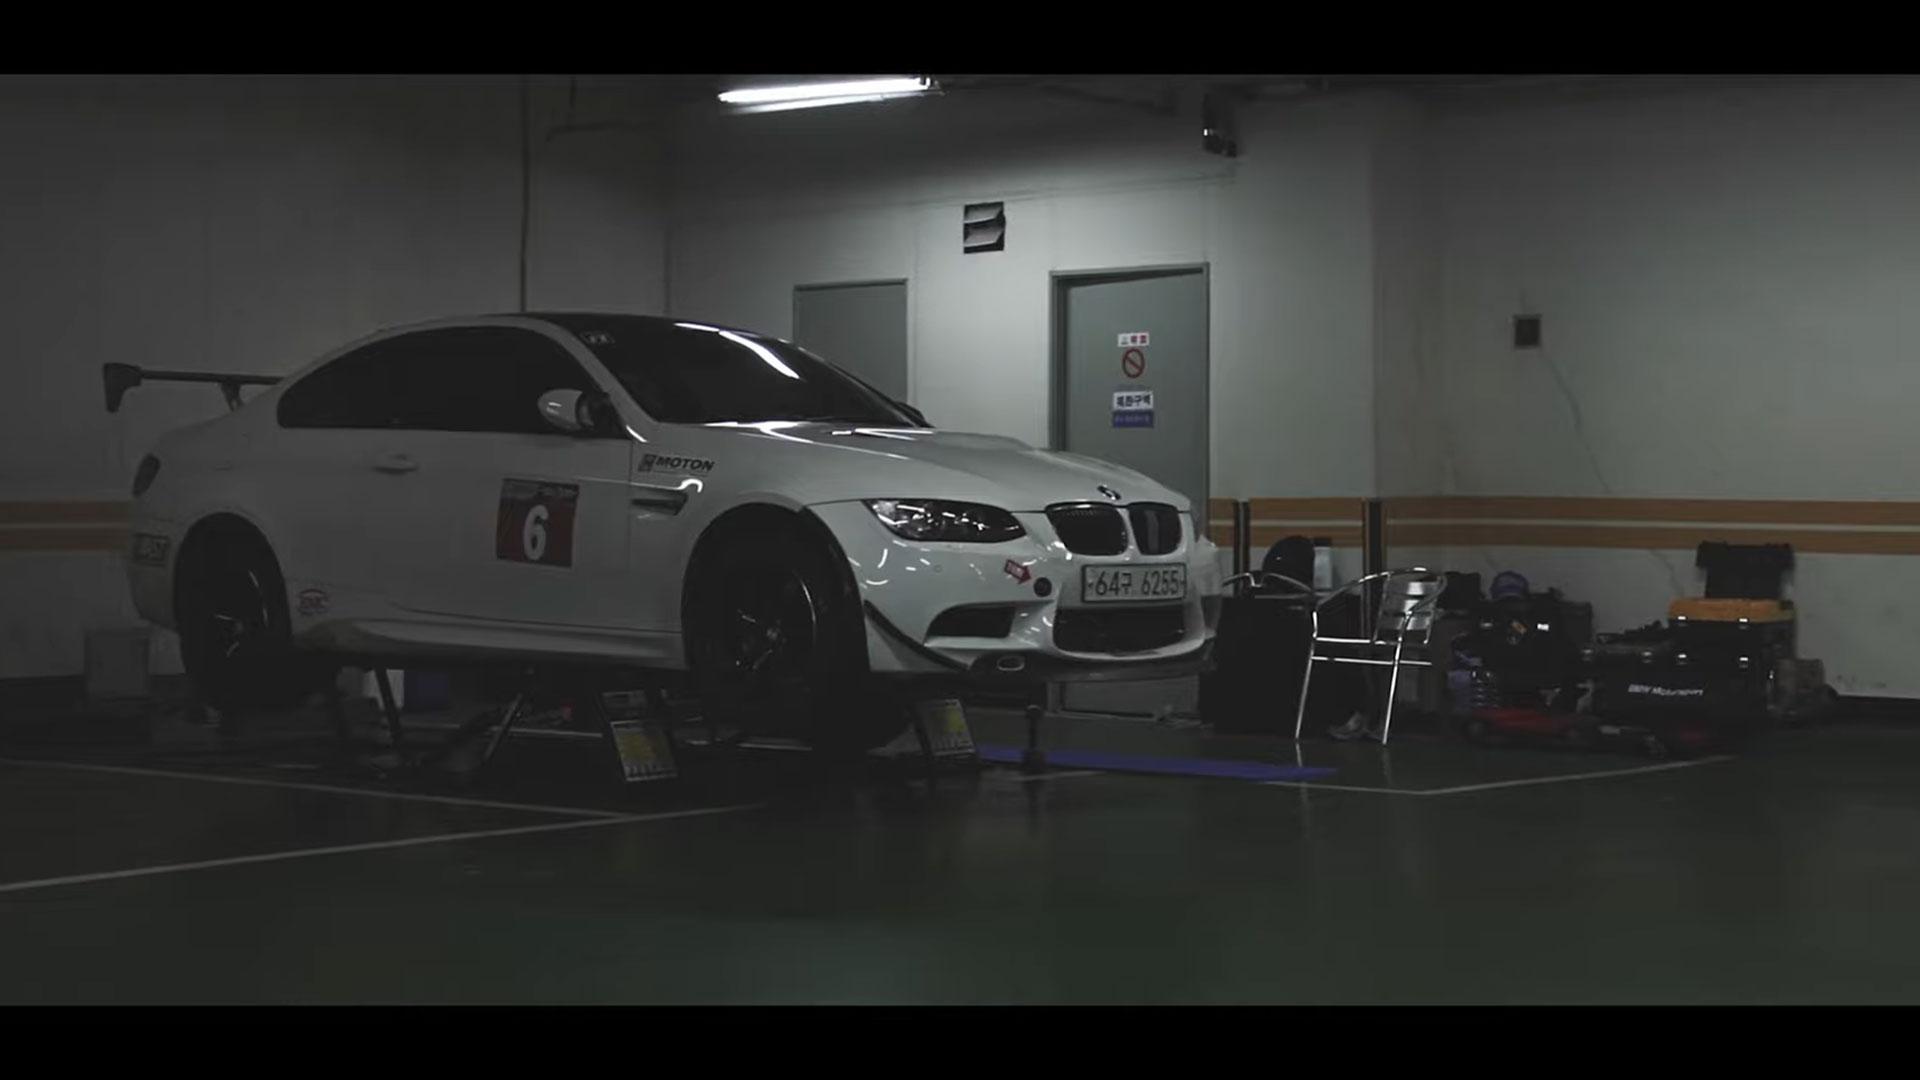 BMW m3 E92 racer